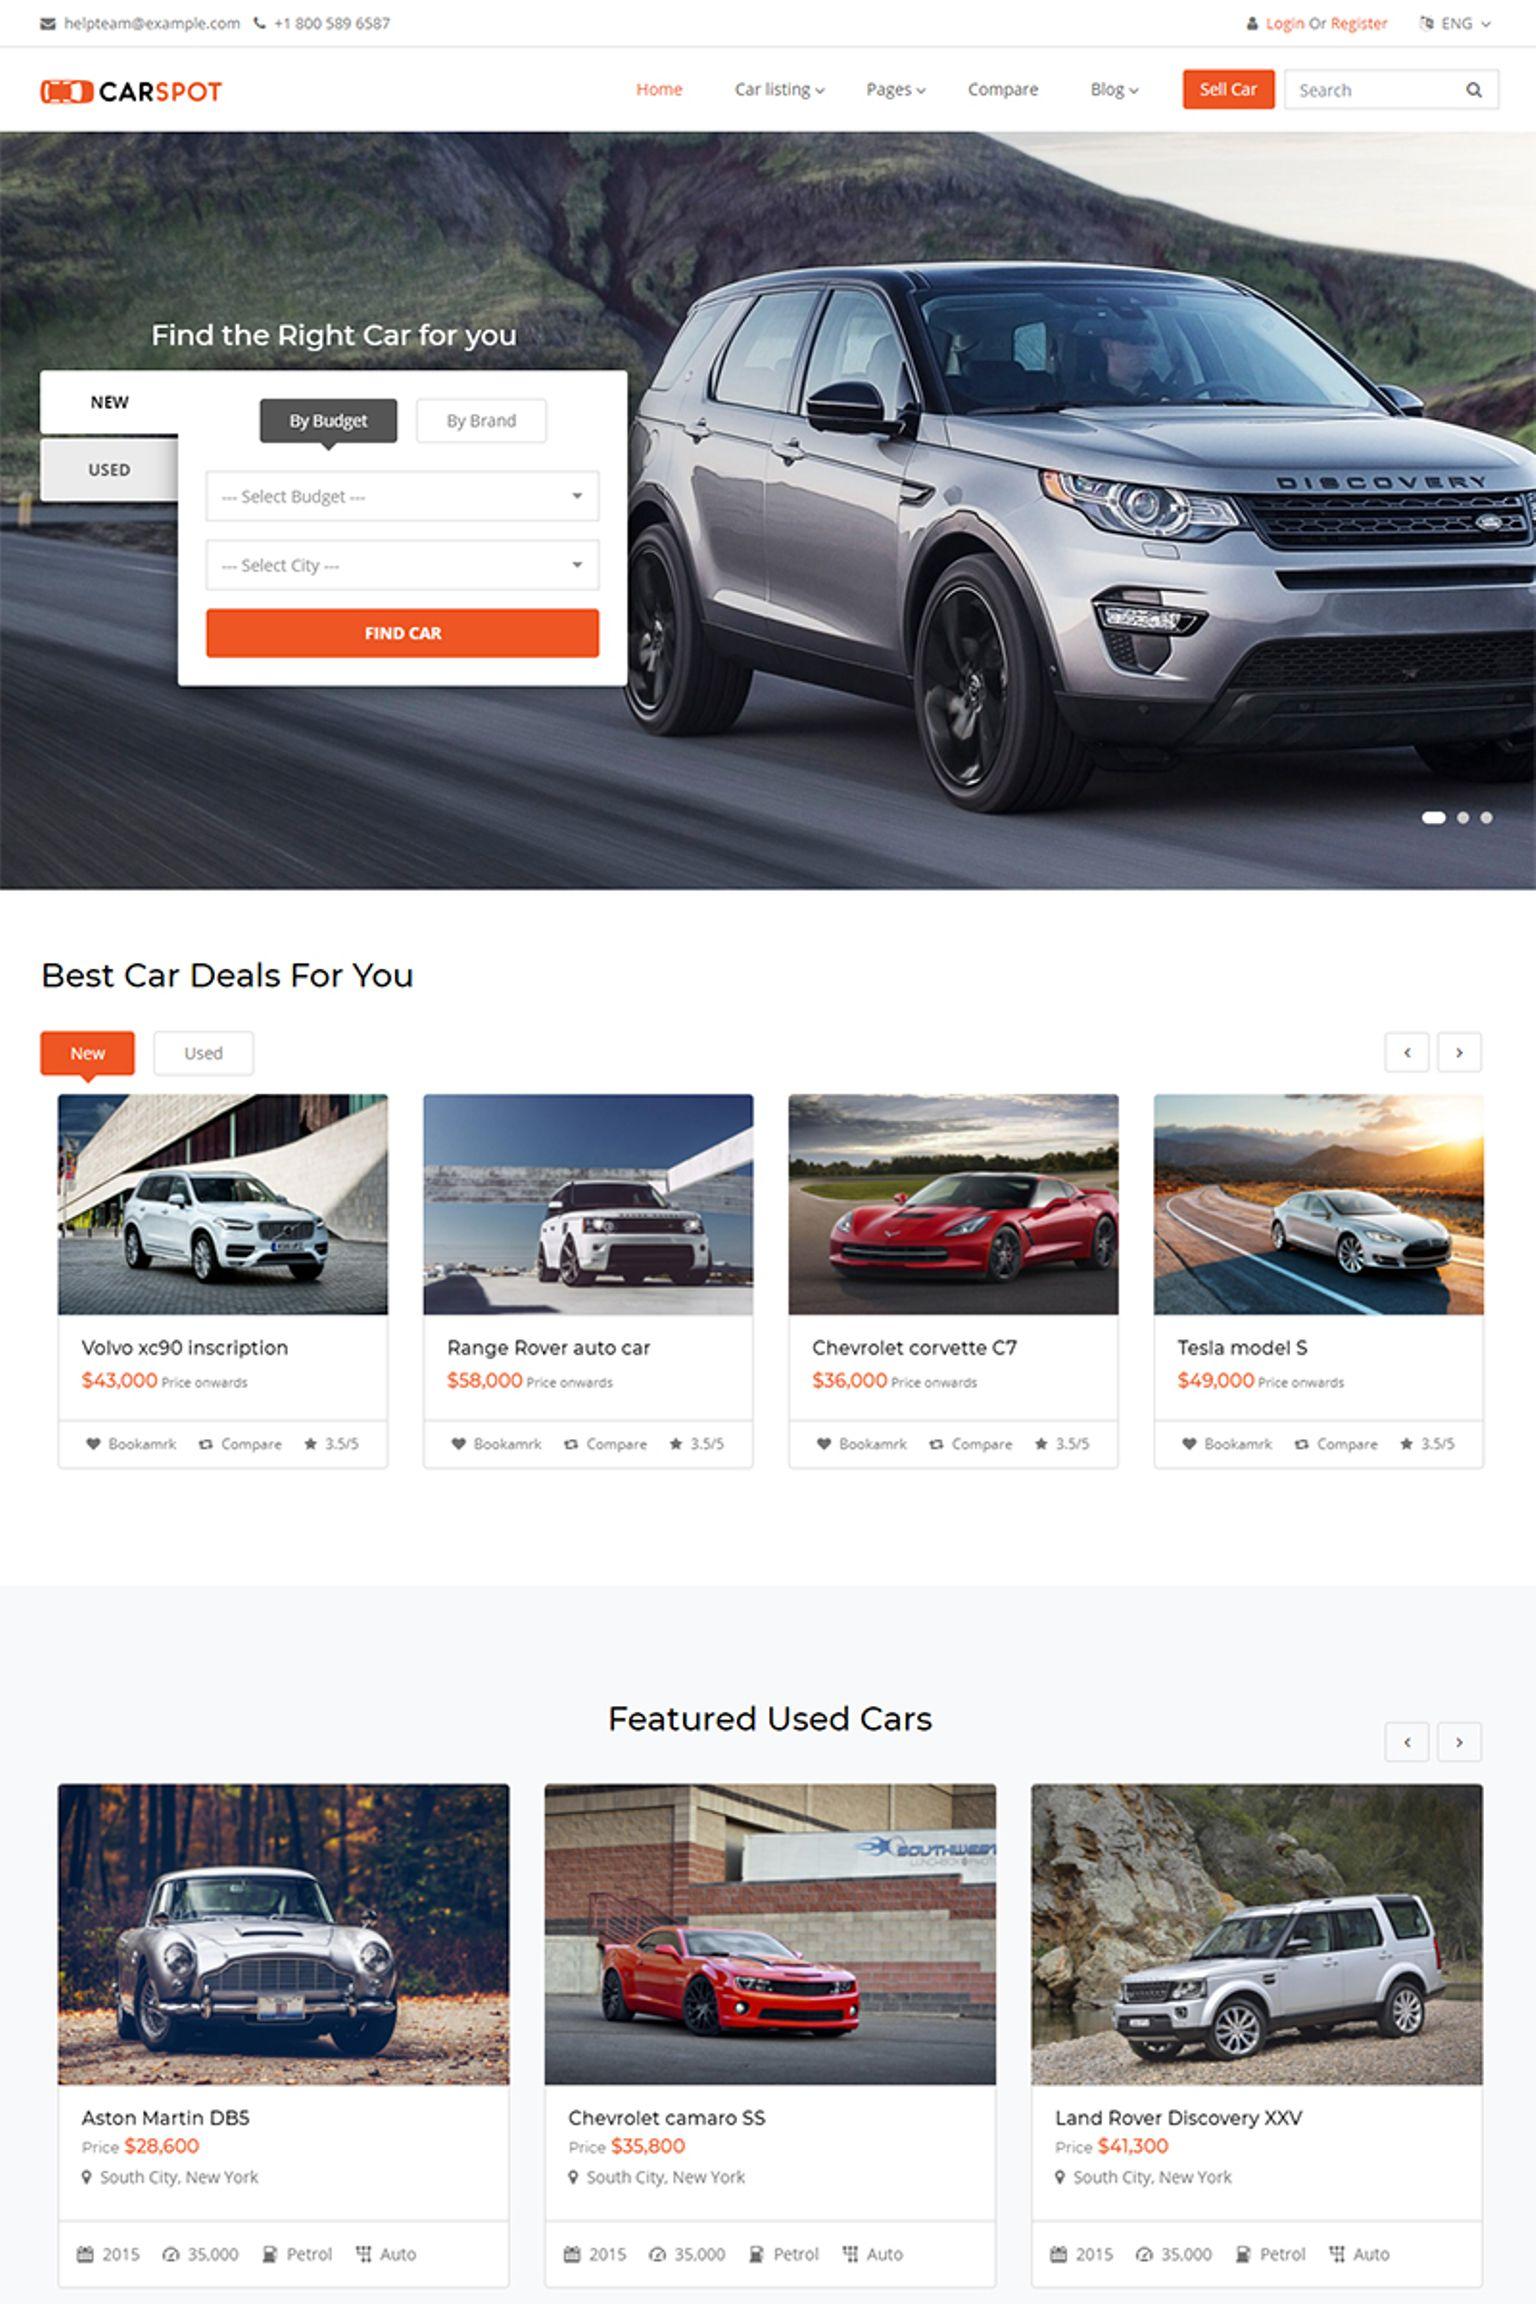 Carspot - Automotive Car Dealer Website Template